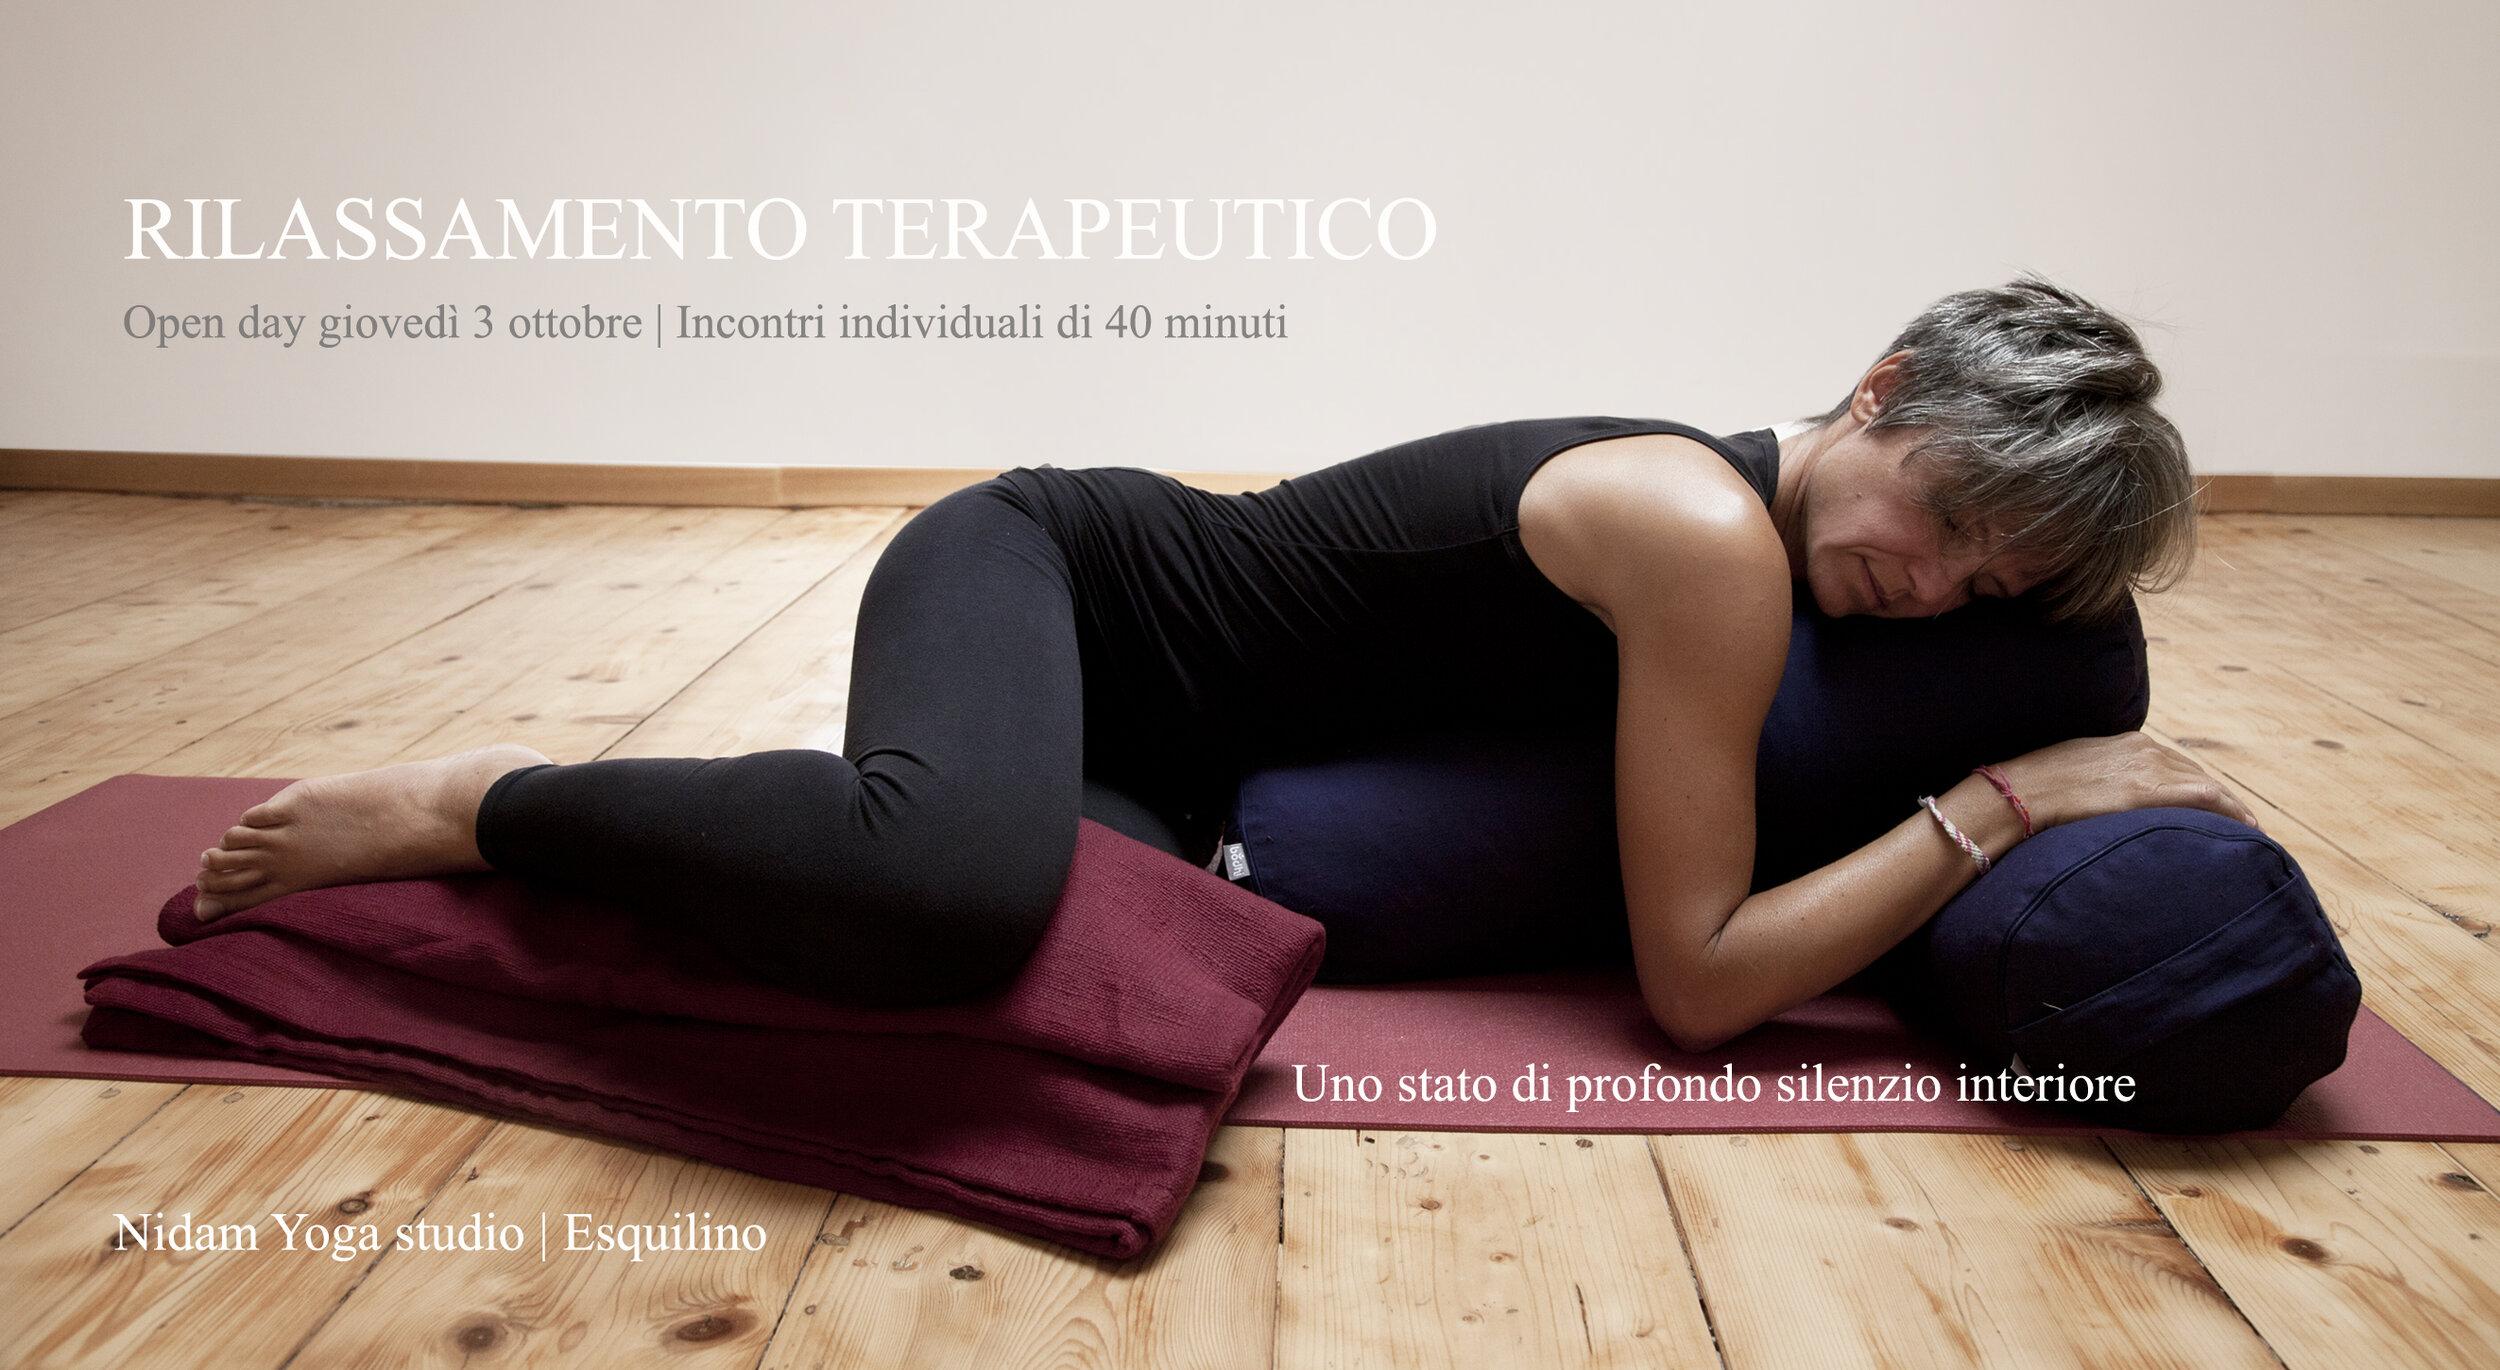 rilassamento-terapeutico